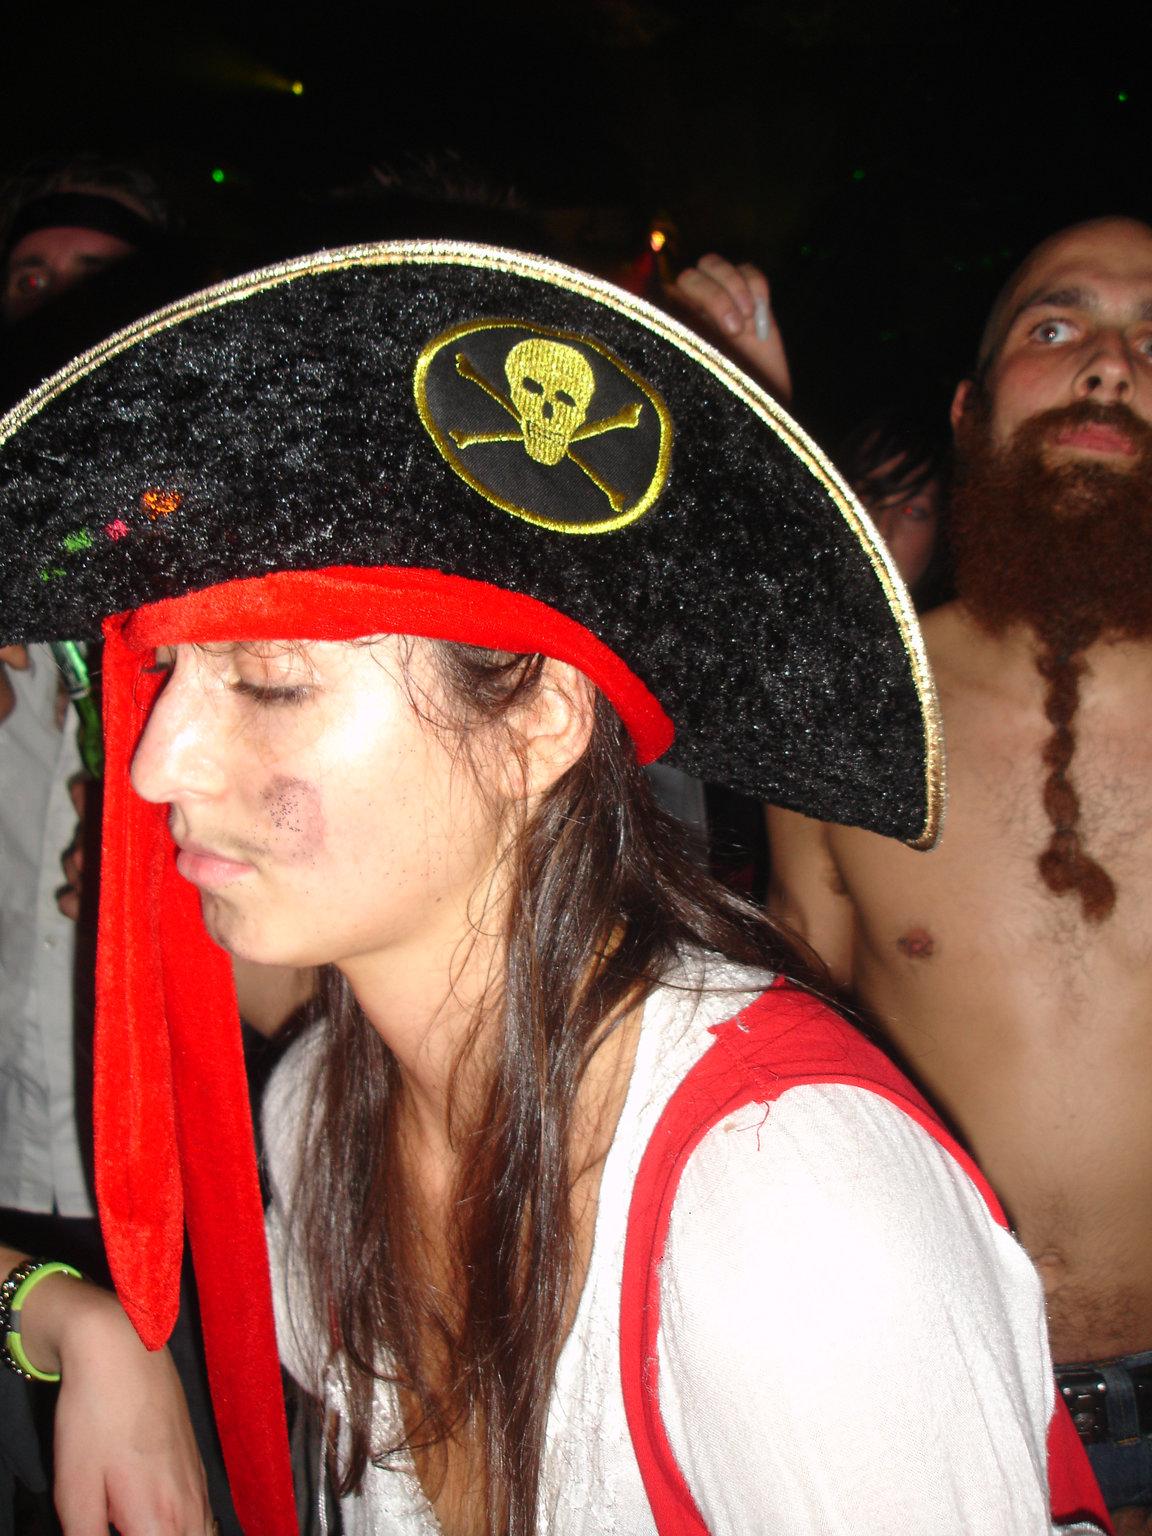 DSC03602_Pirate_girl.JPG